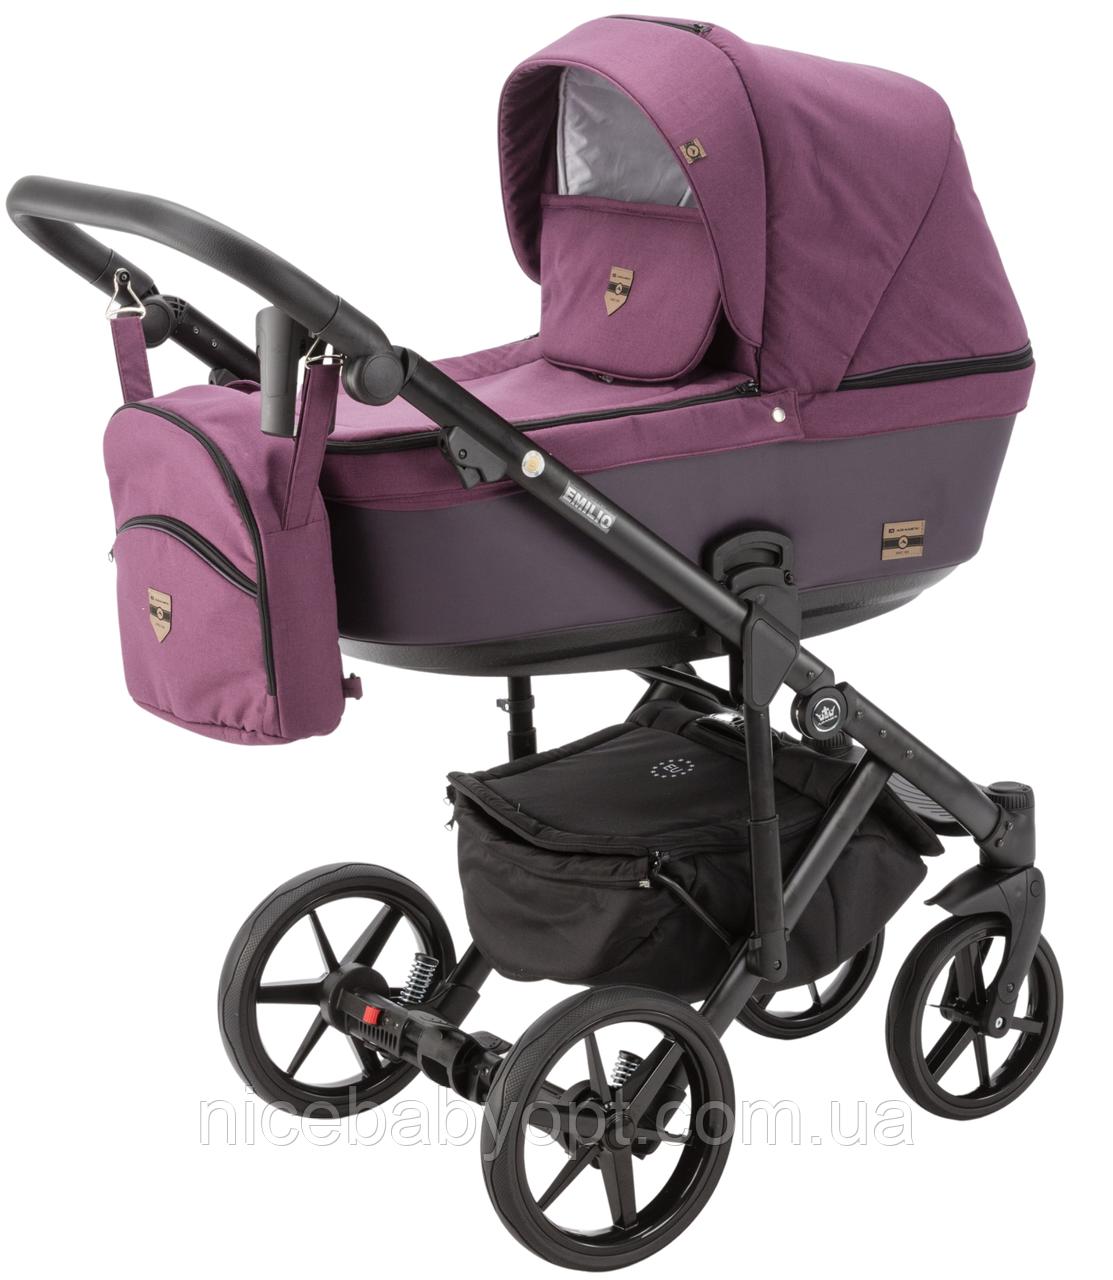 Детская универсальная коляска 2 в 1 Adamex Emilio EM-227